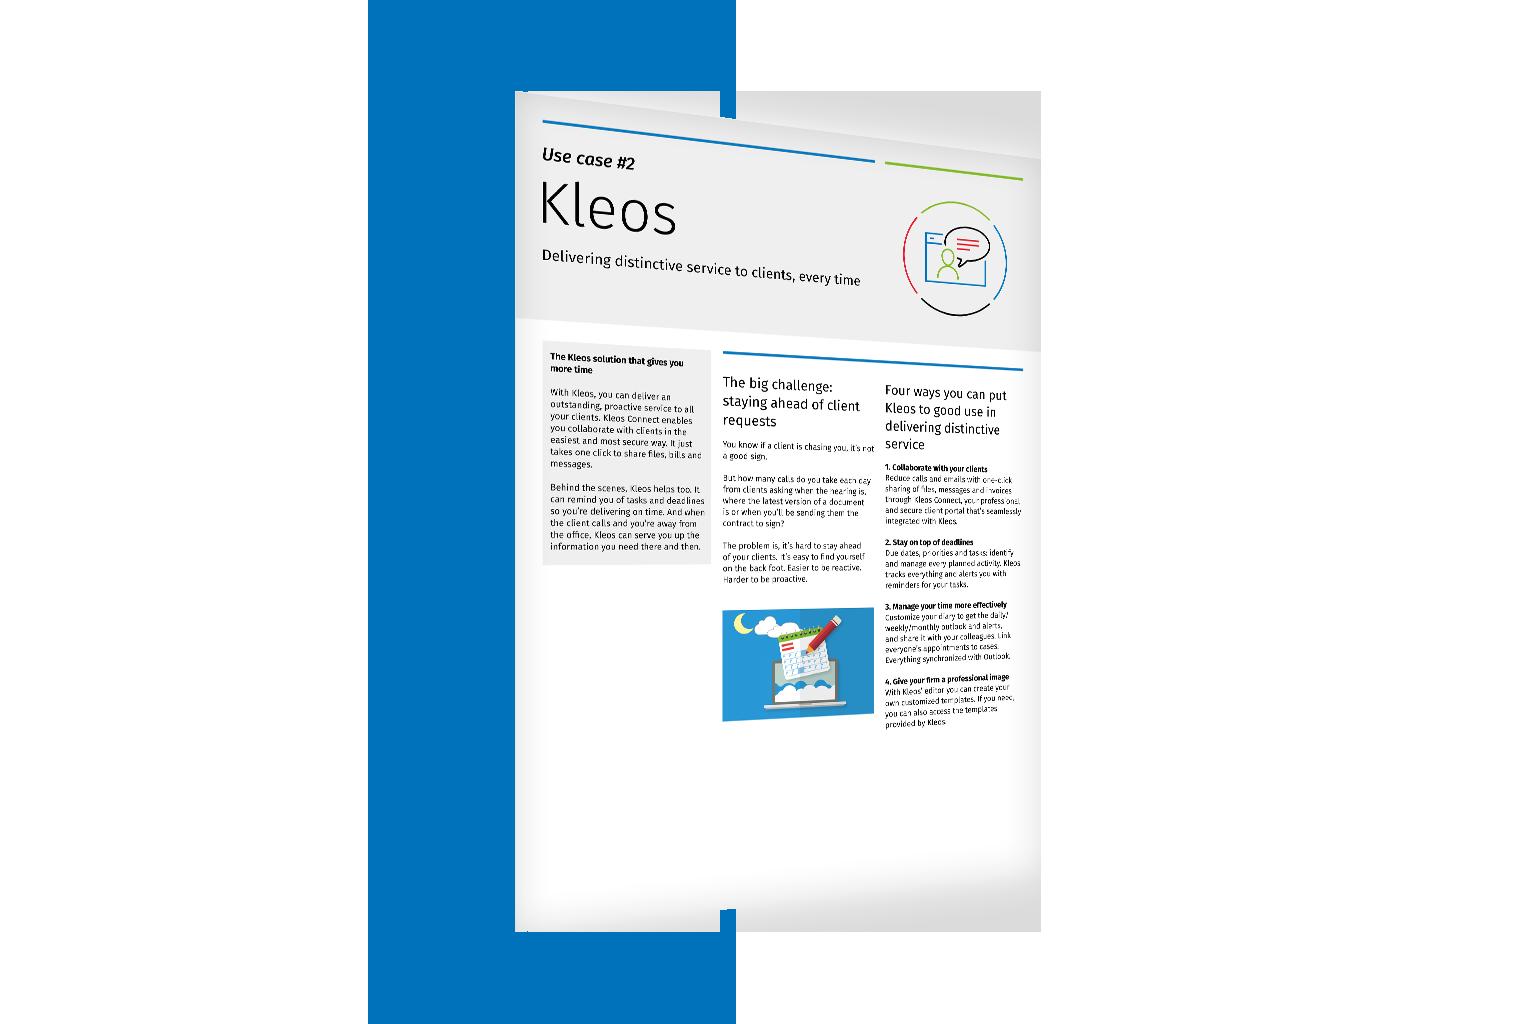 Kleos-Use-Case-2-Client-Service-EN-EU-1536x1024